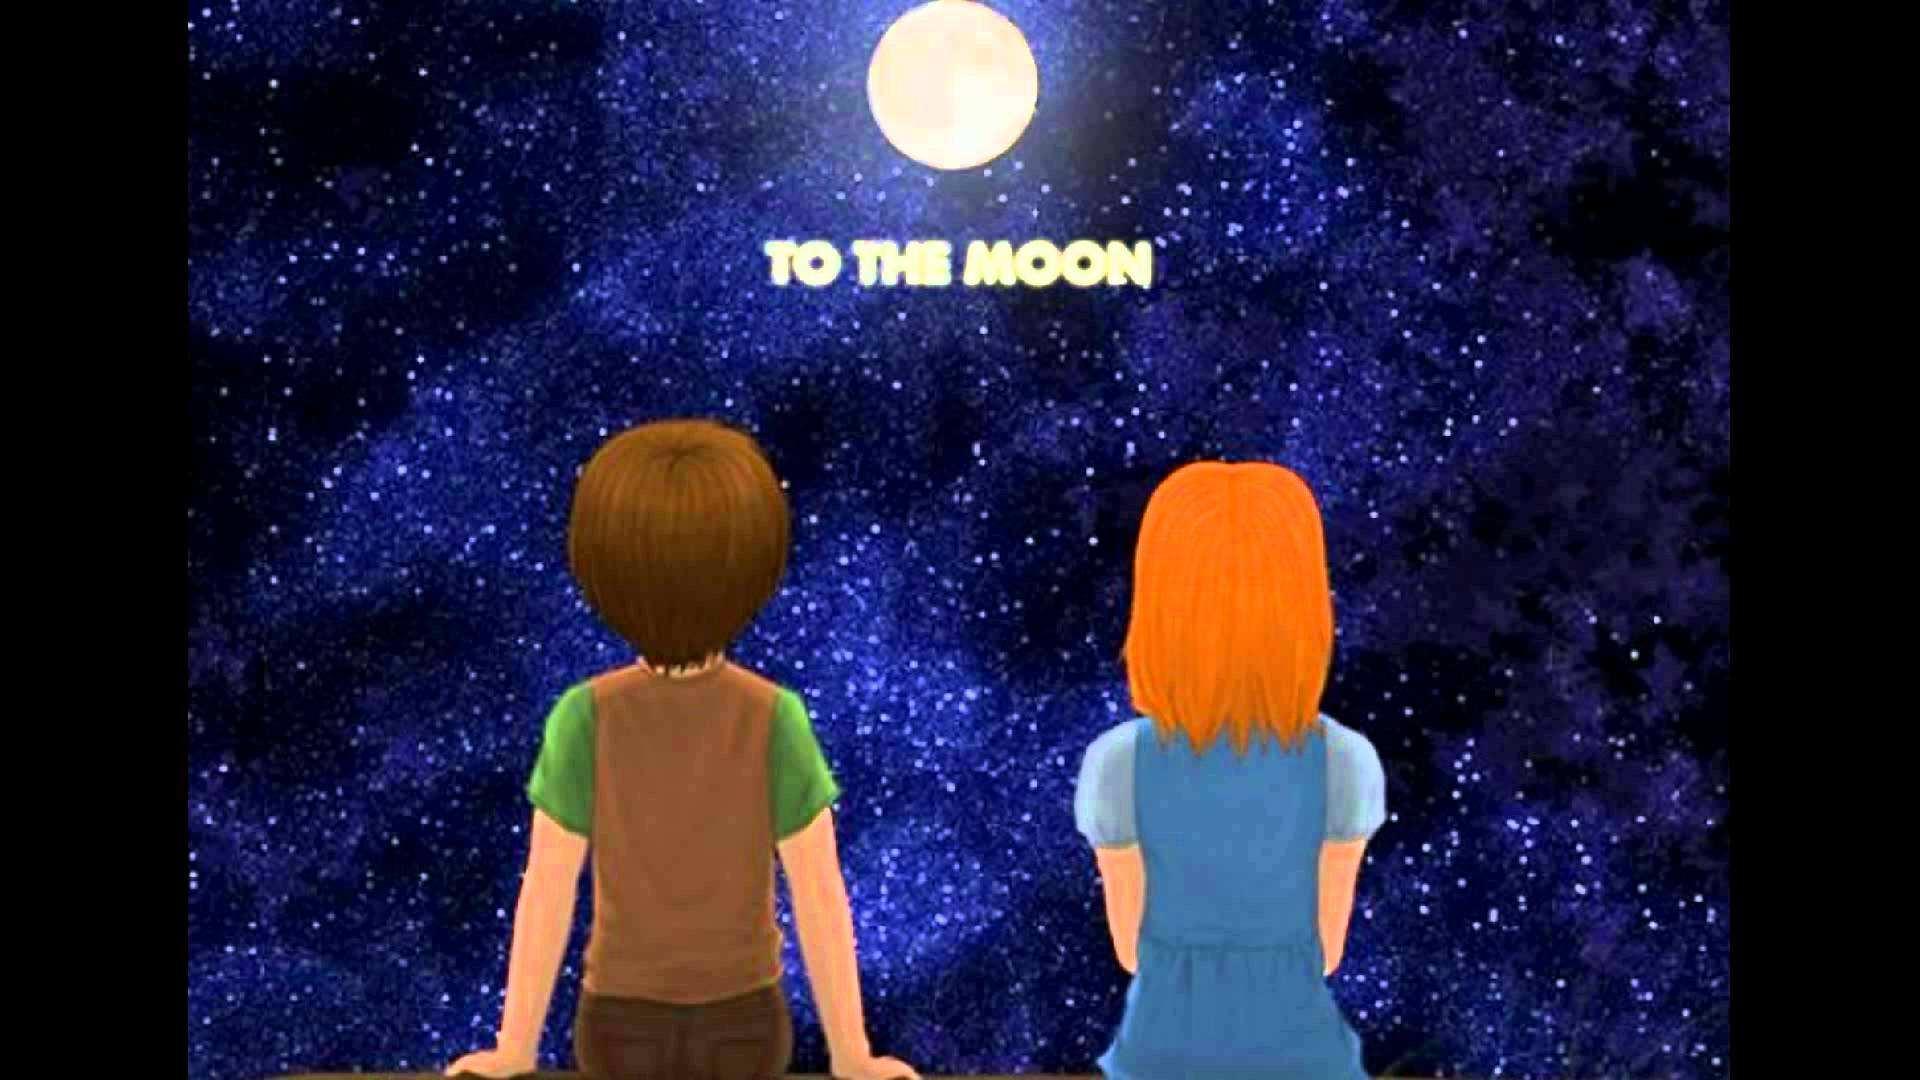 《去月球》移动版正式发售!安卓可以优惠购买哦!